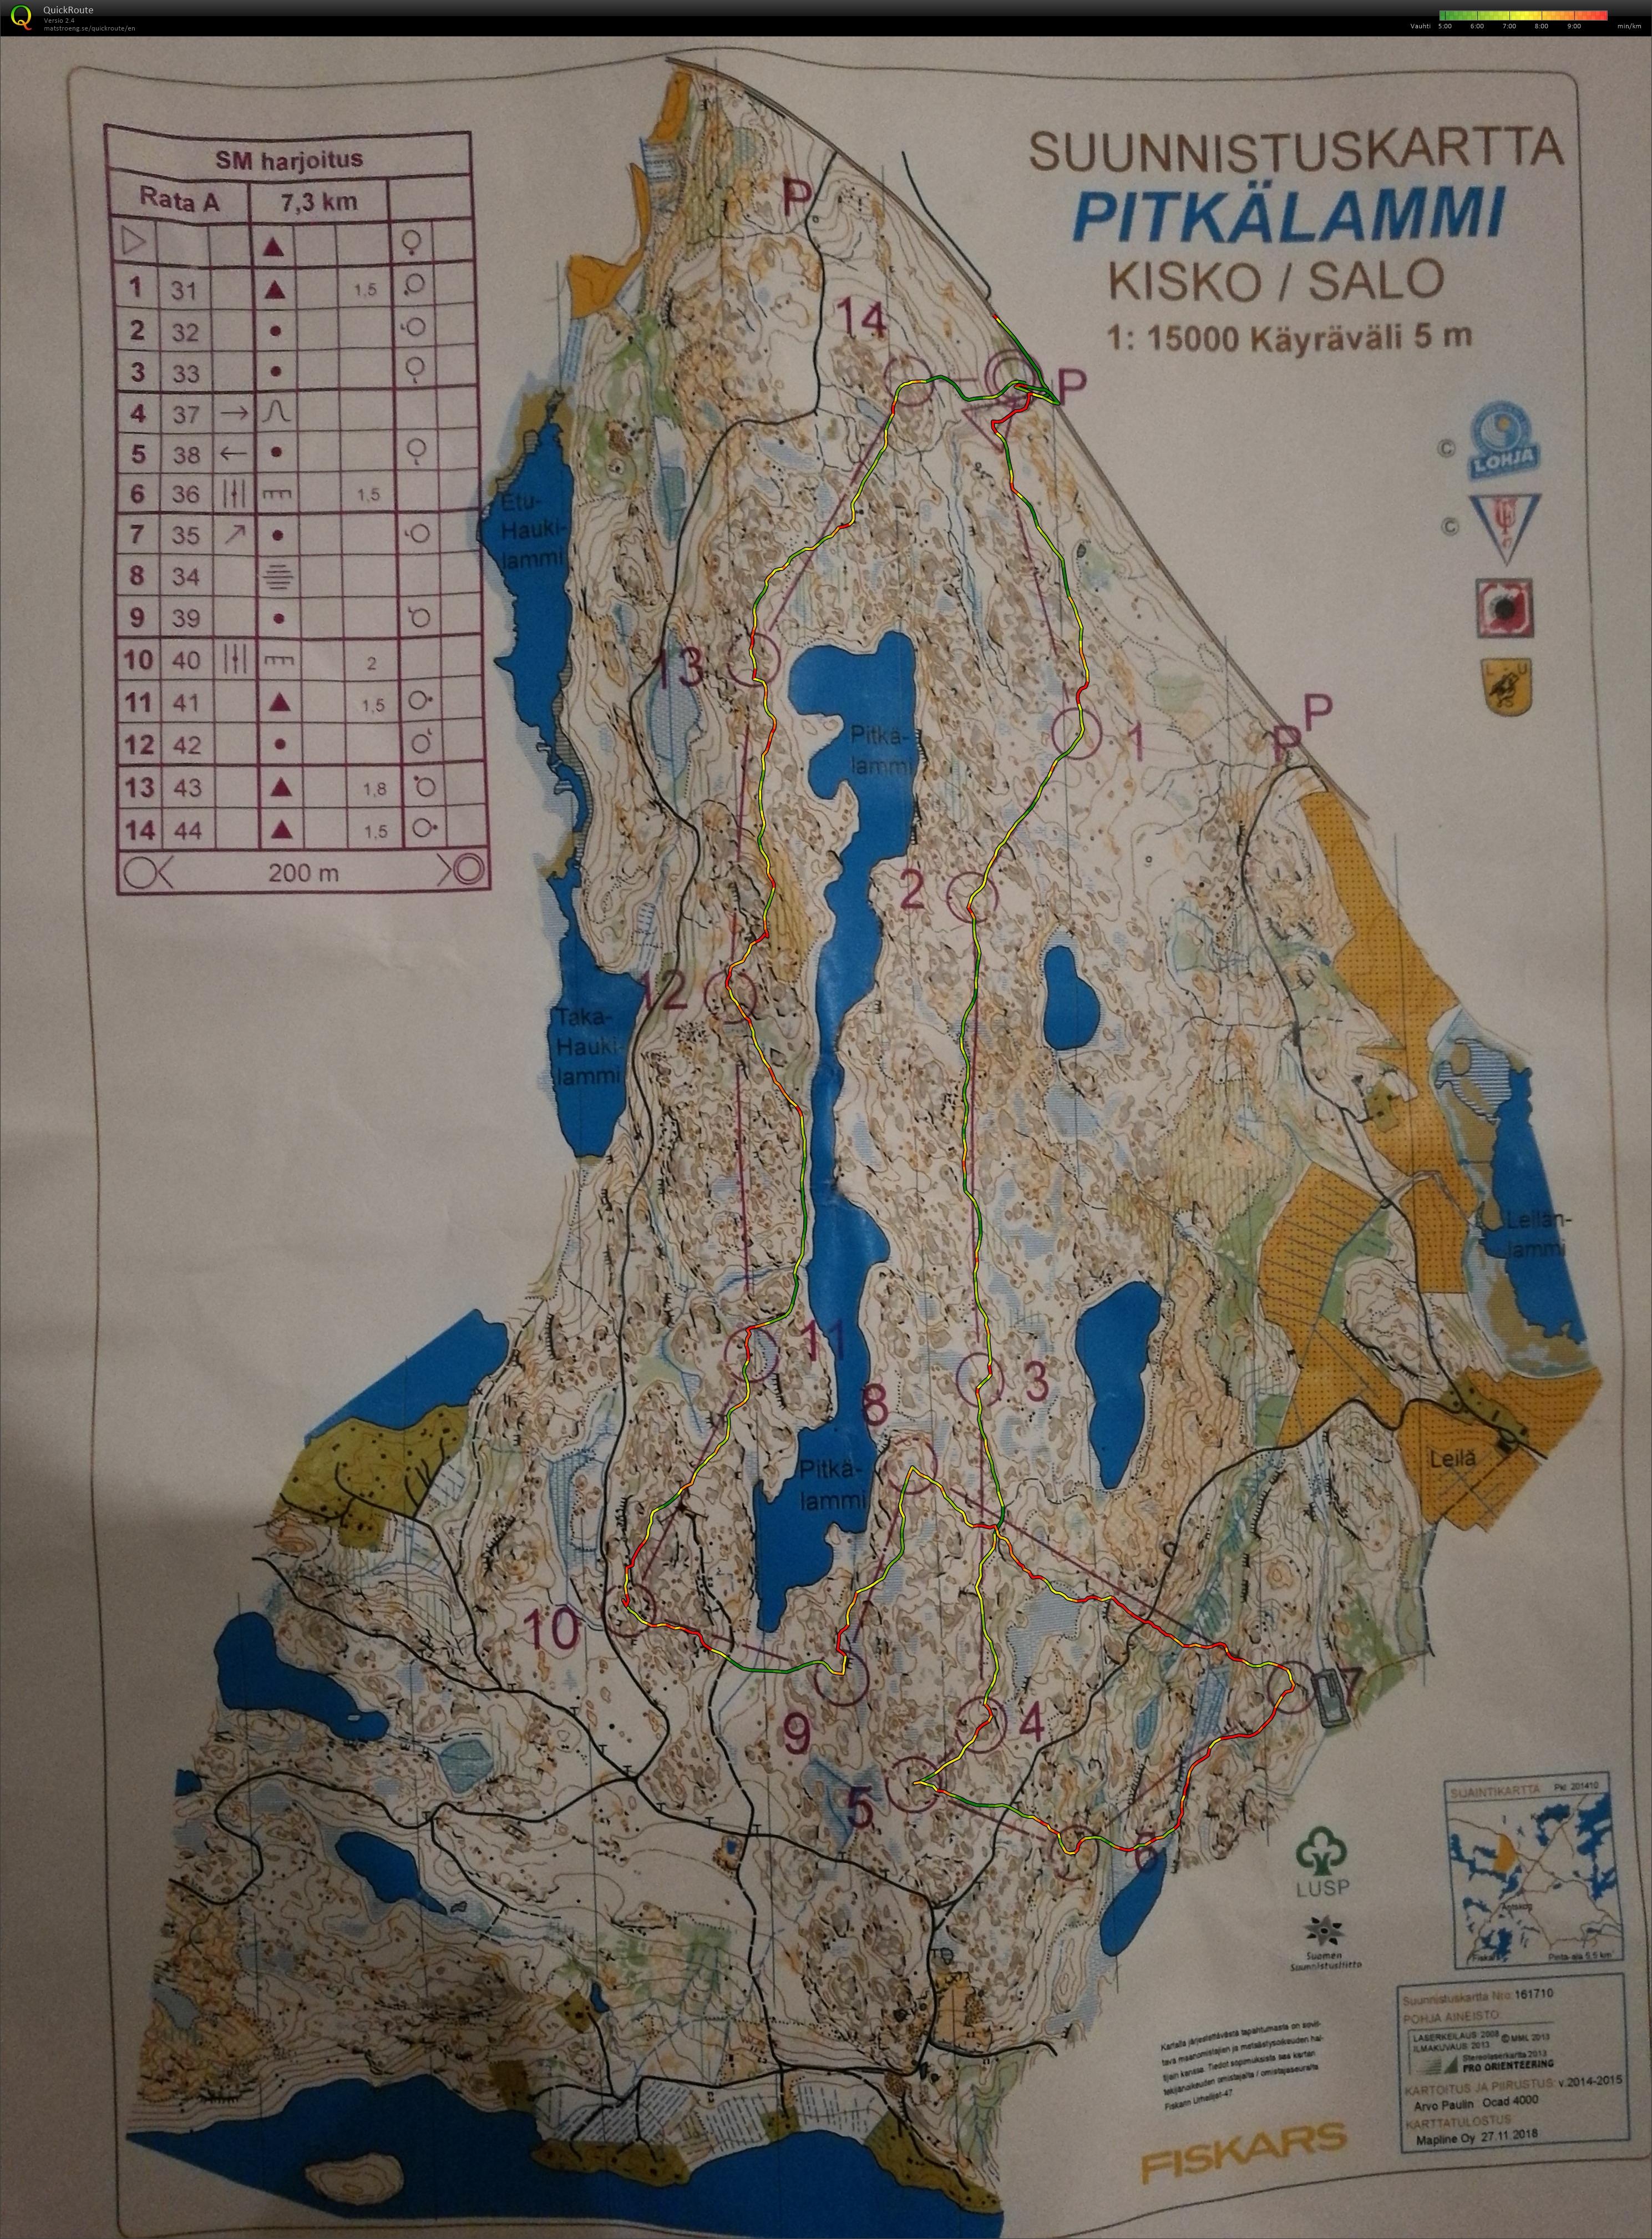 My Doma Digitaalinen Kartta Arkisto Fiskars Leiripaiva I 08 12